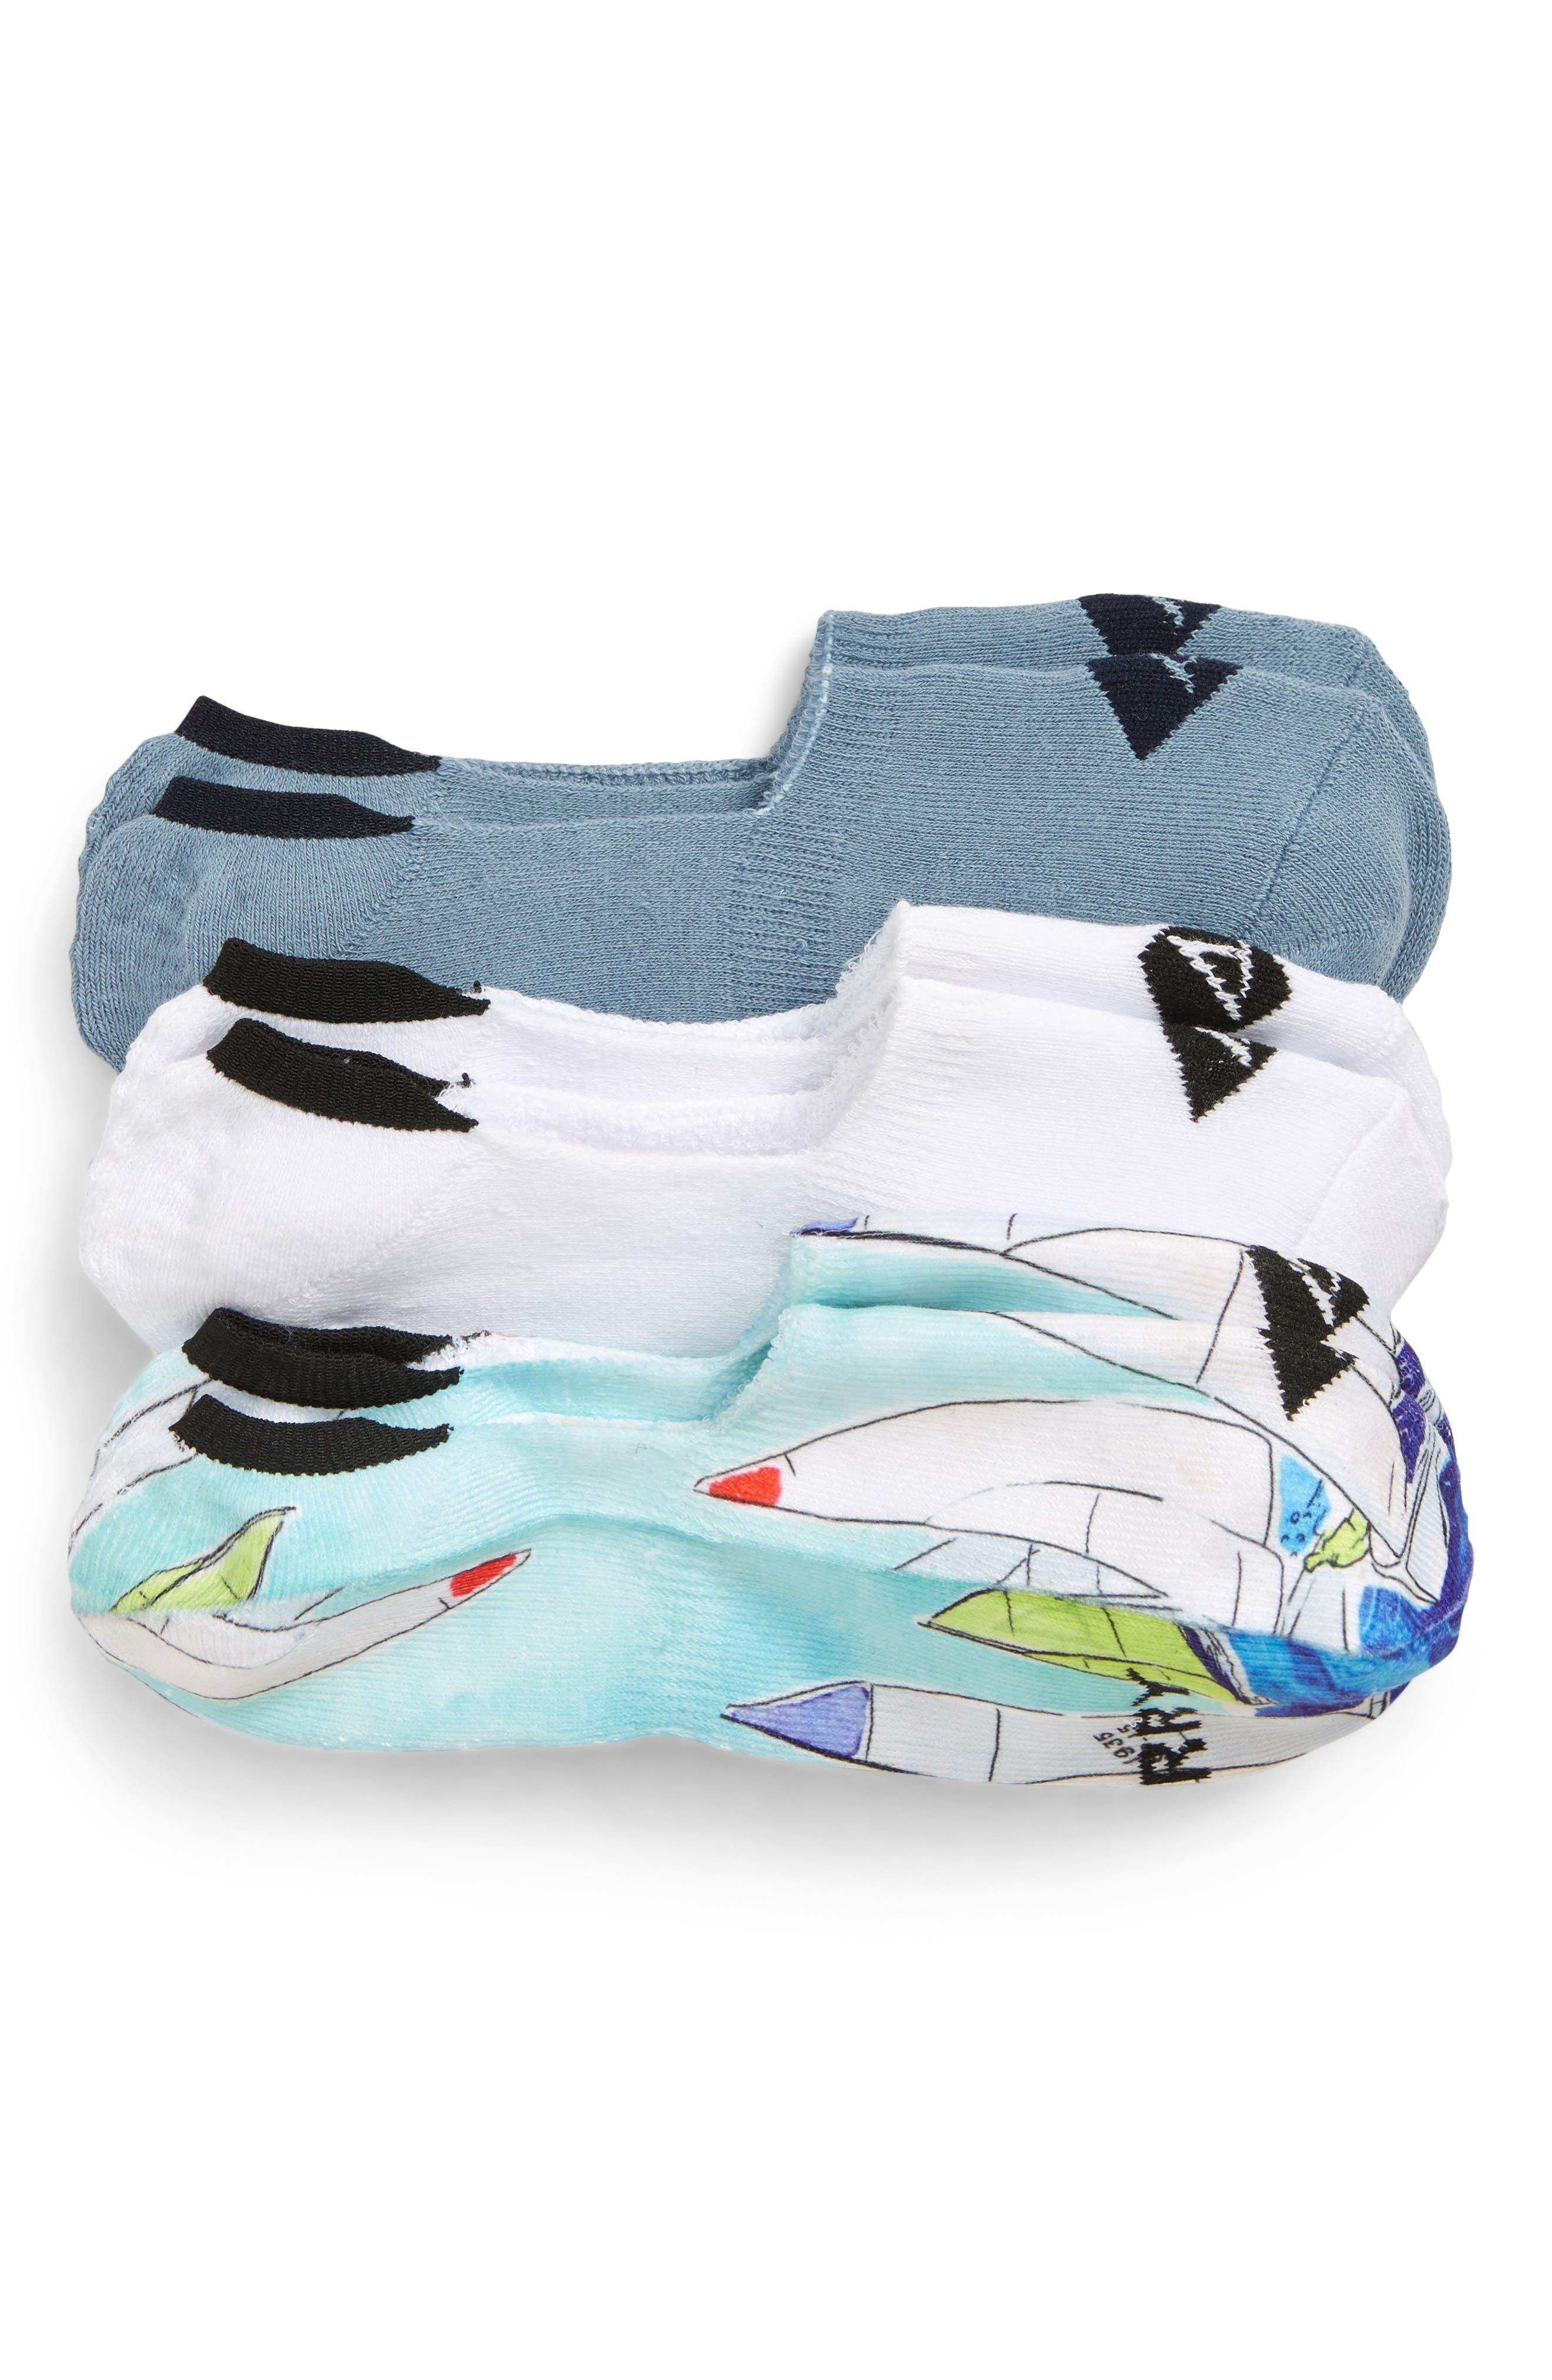 Top-Sider<sup>®</sup> Regatta Assorted 3-Pack Liner Socks, Main, color, BLUE ASST